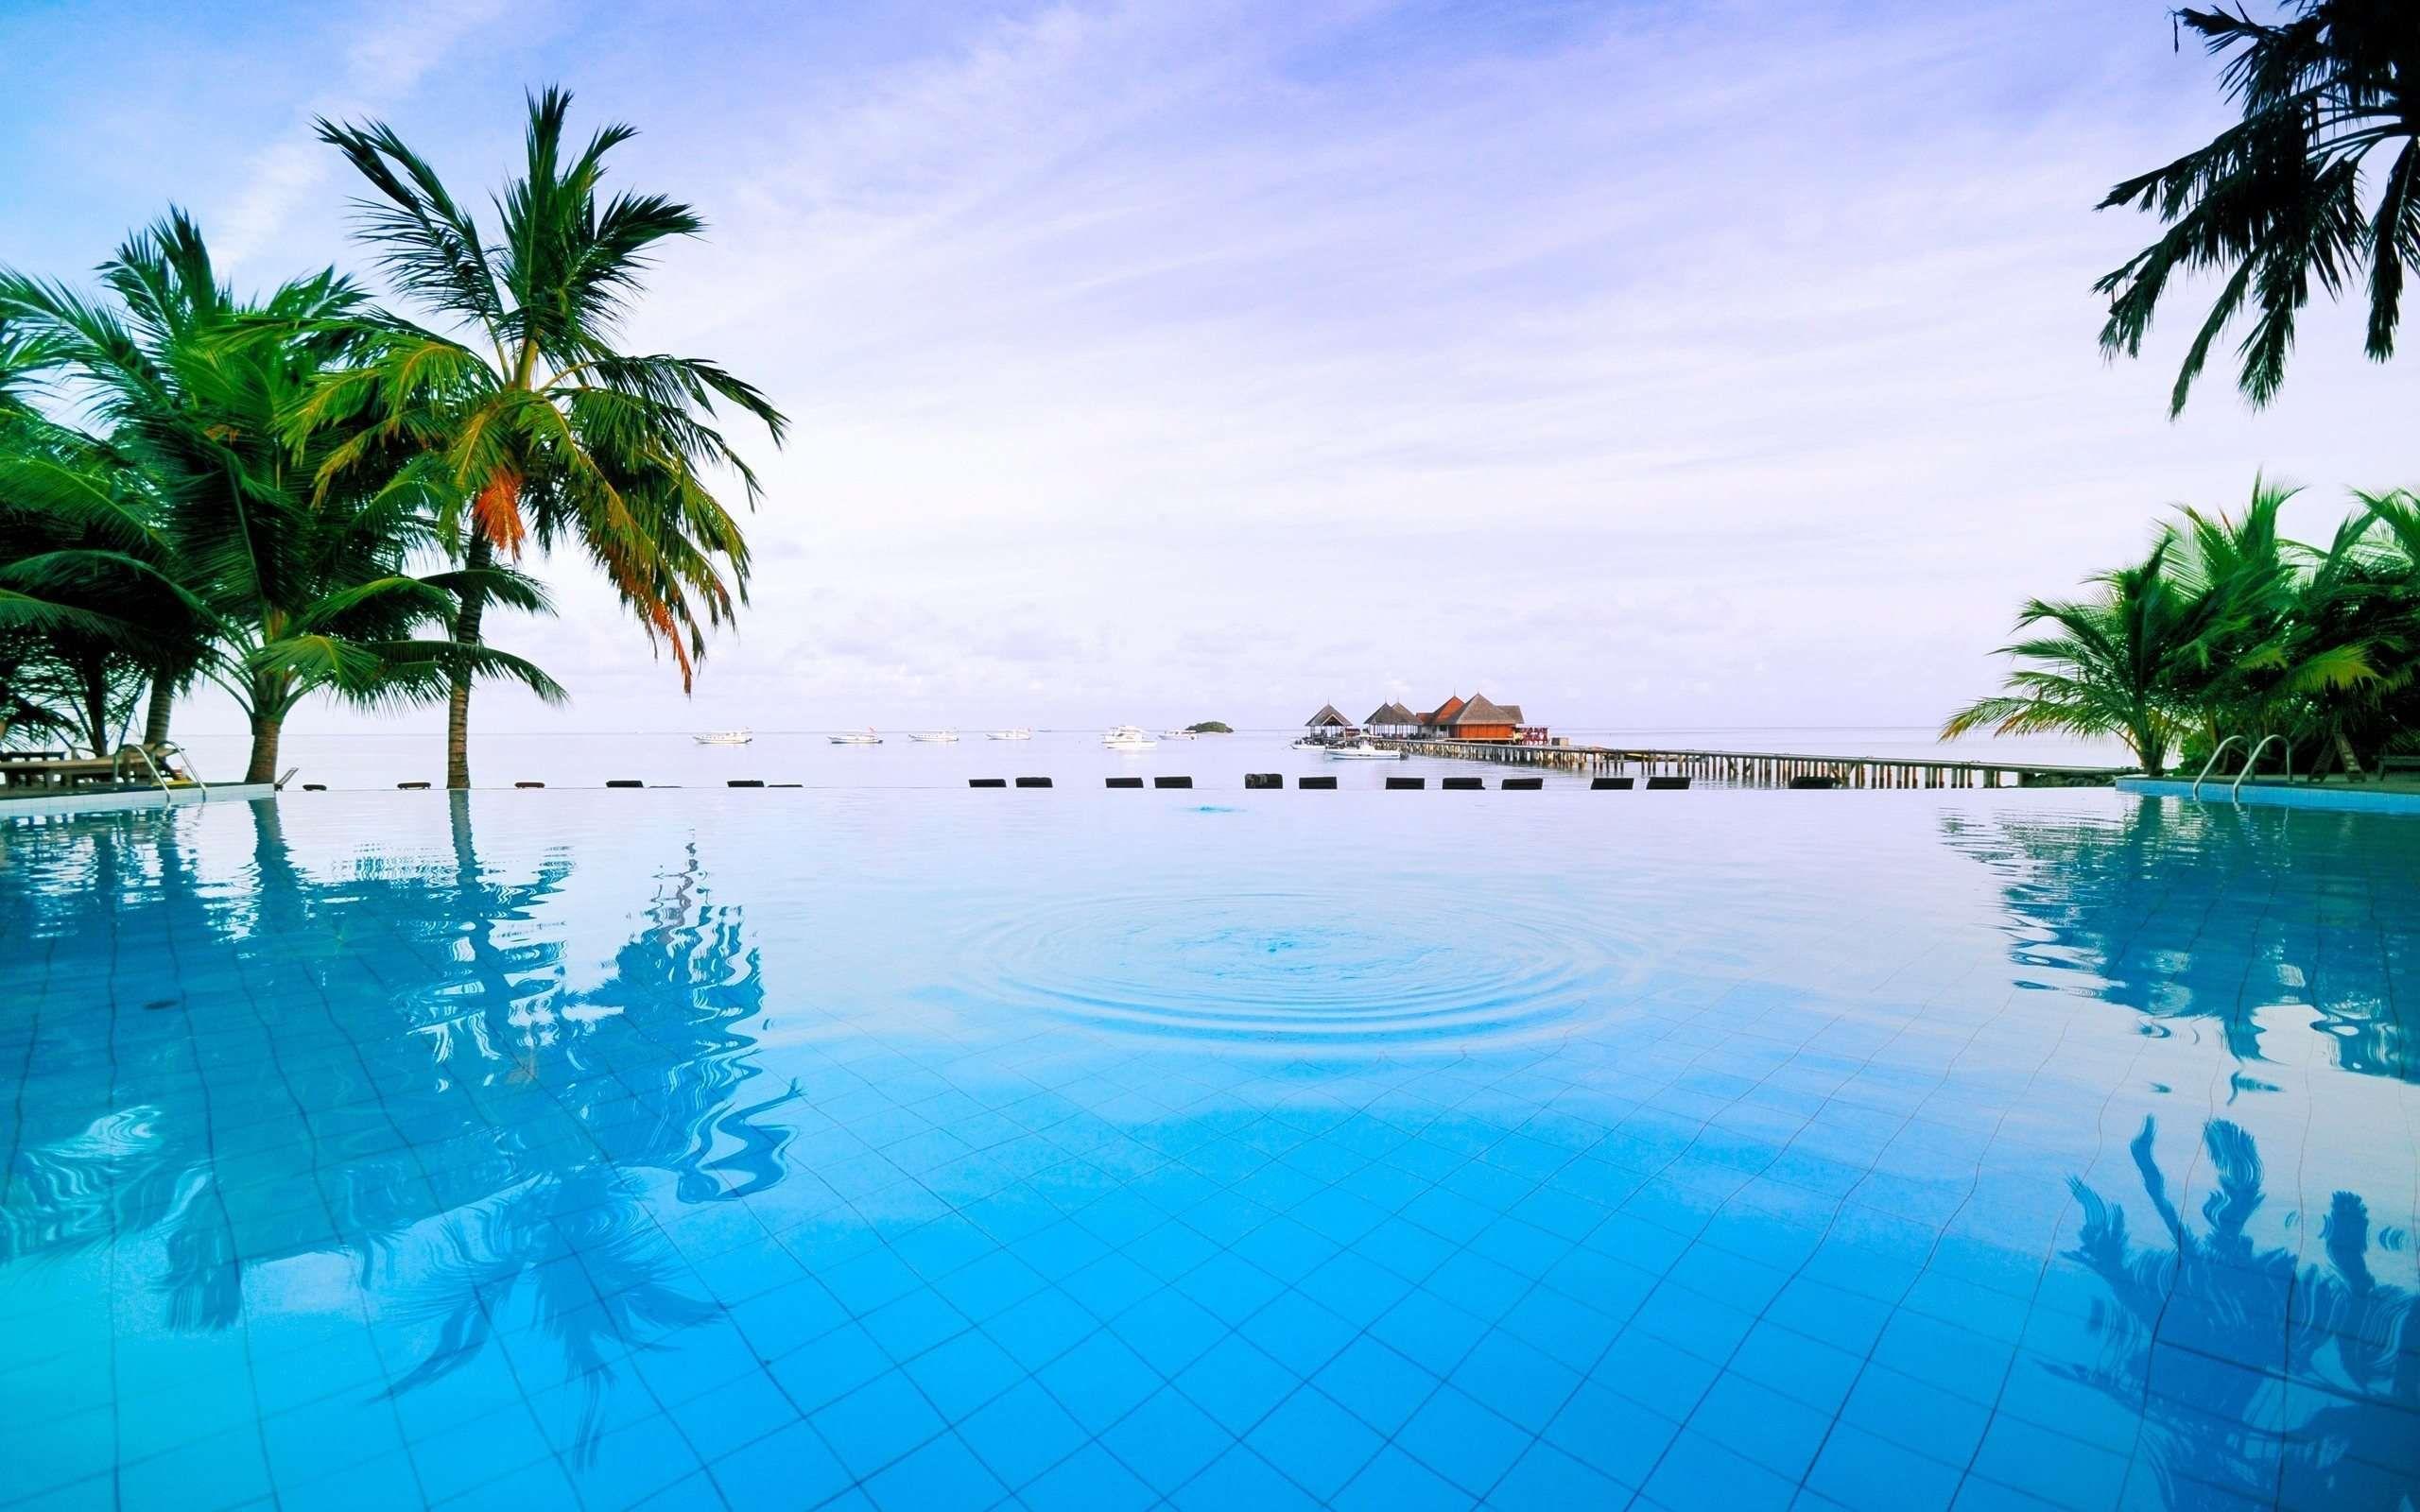 hd beach widescreen backgrounds find best latest hd beach widescreen